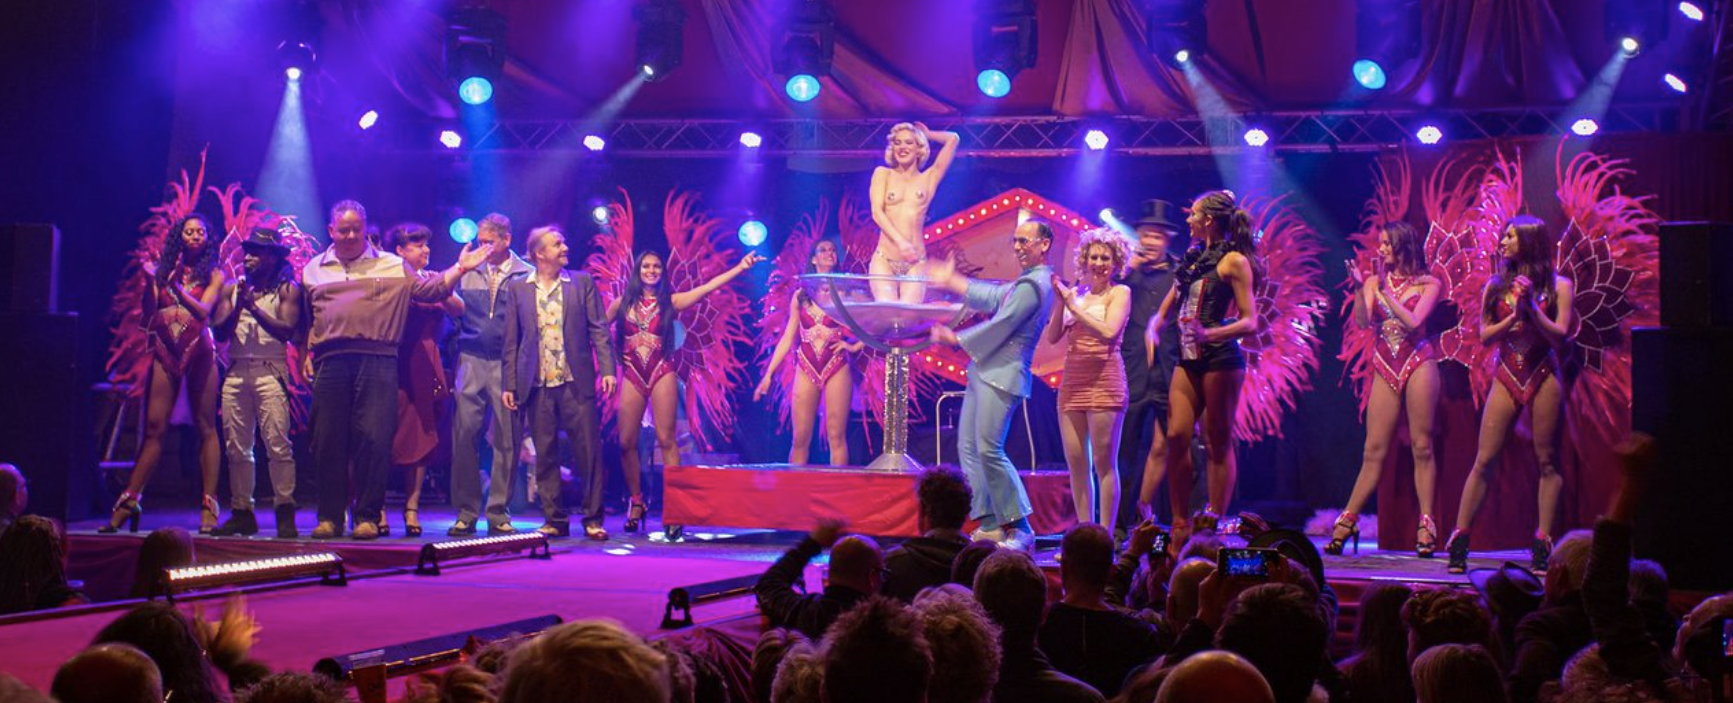 Burlesque danseres Fay Loren danst op een show samengesteld naar wens en op maat gemaakt